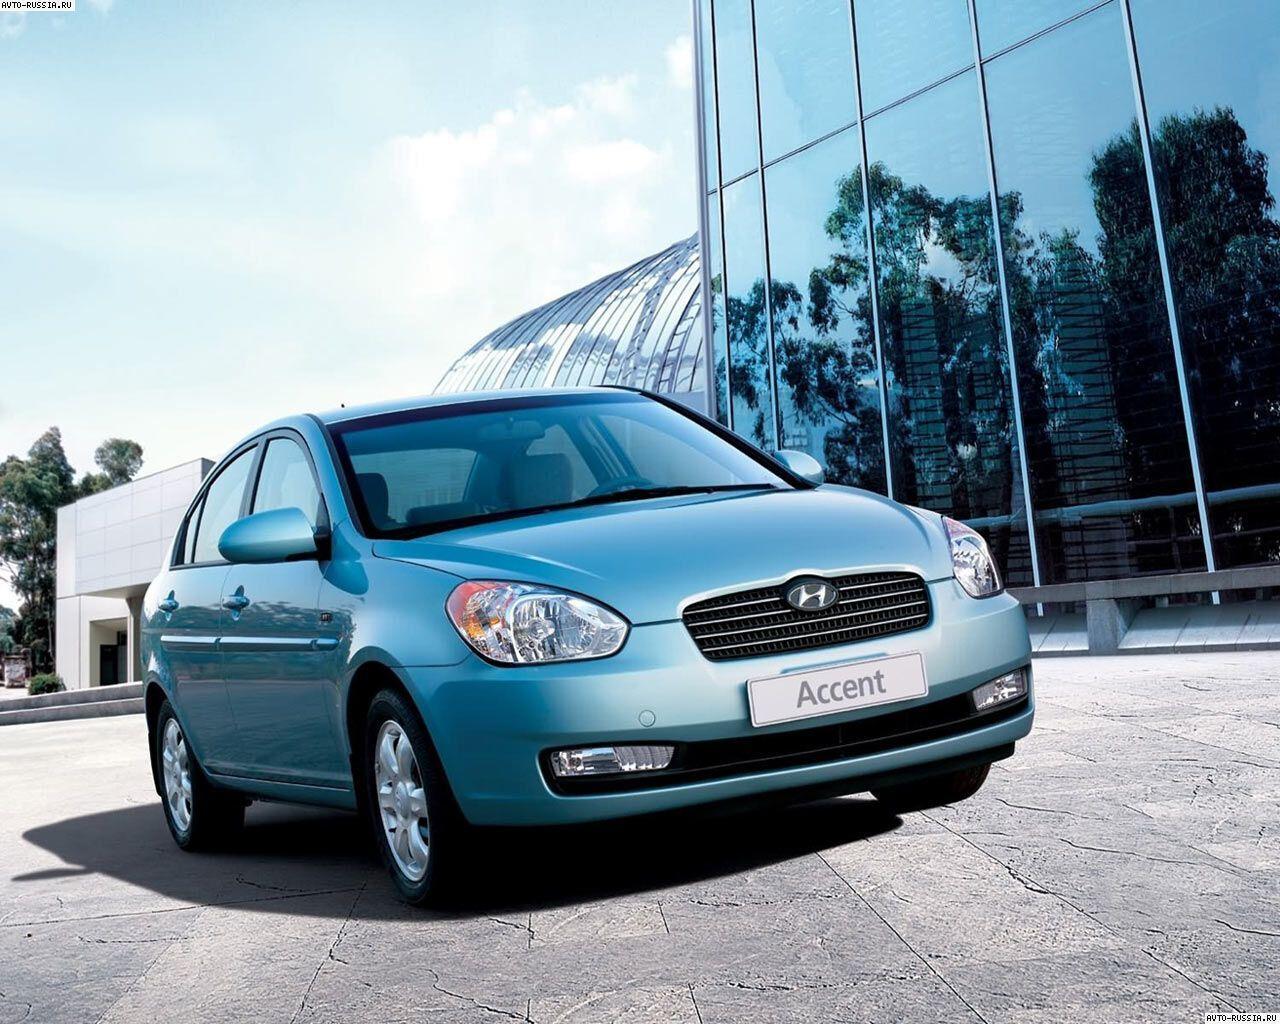 Б/у Hyundai Accent – отличный автомобиль